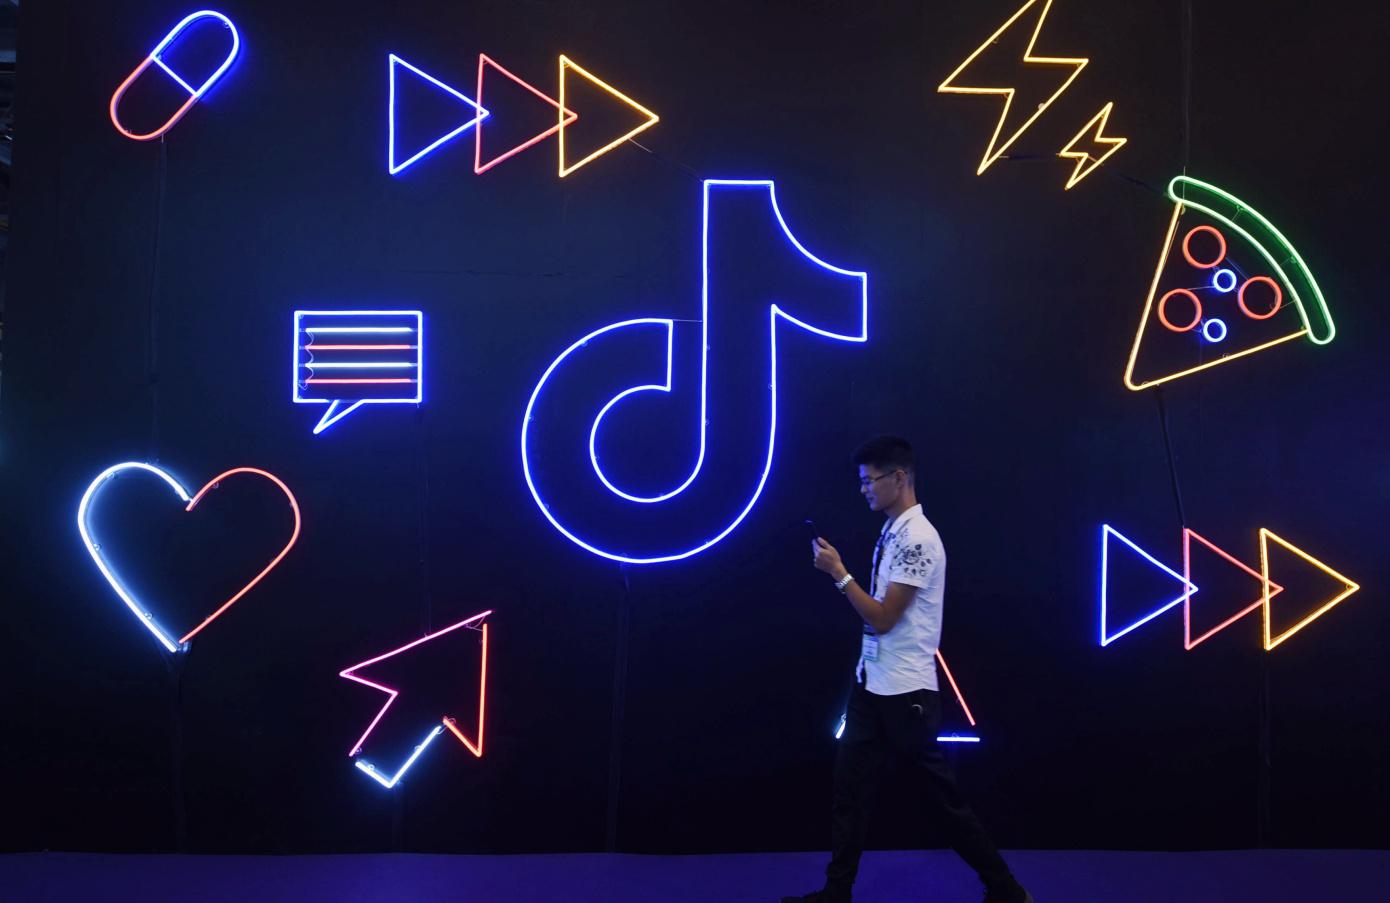 TikTok llega a un nuevo acuerdo de licencia con Sony Music